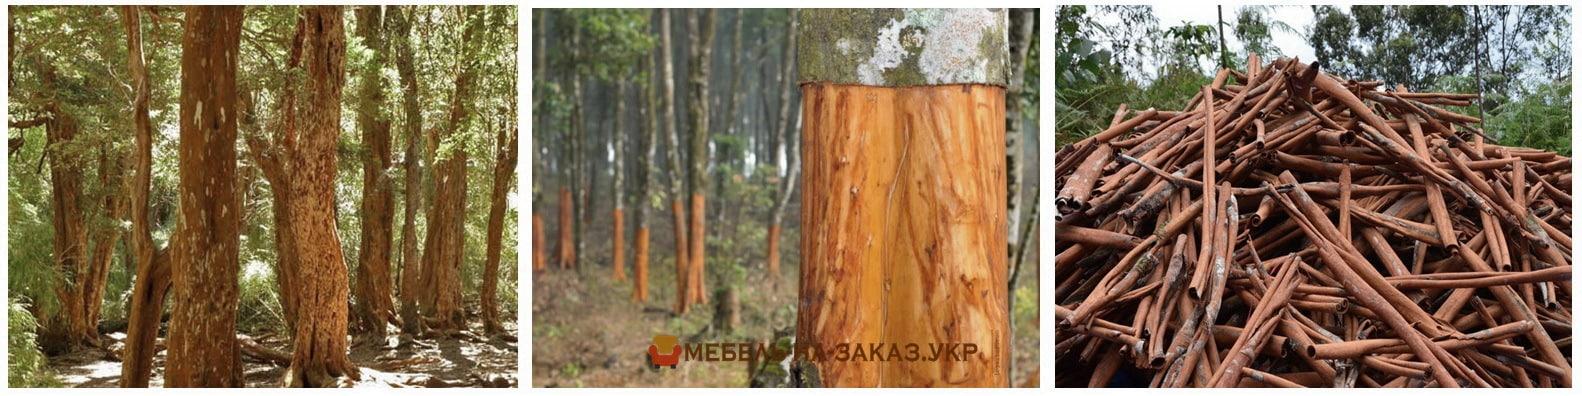 свойства дерева корицы